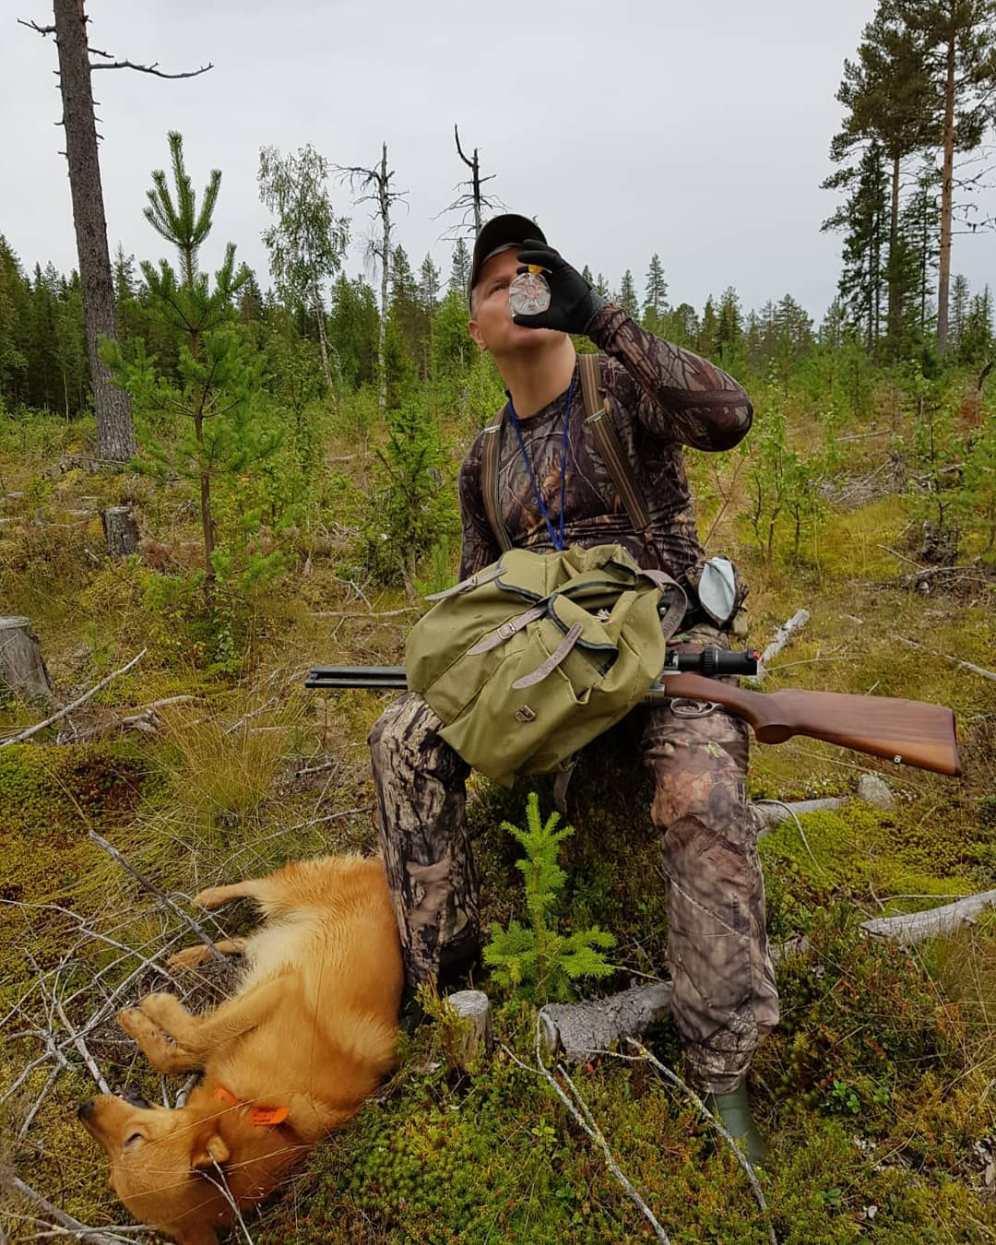 Huilitauko kanalinnustuksen avauspäivänä Ruotsissa 2019